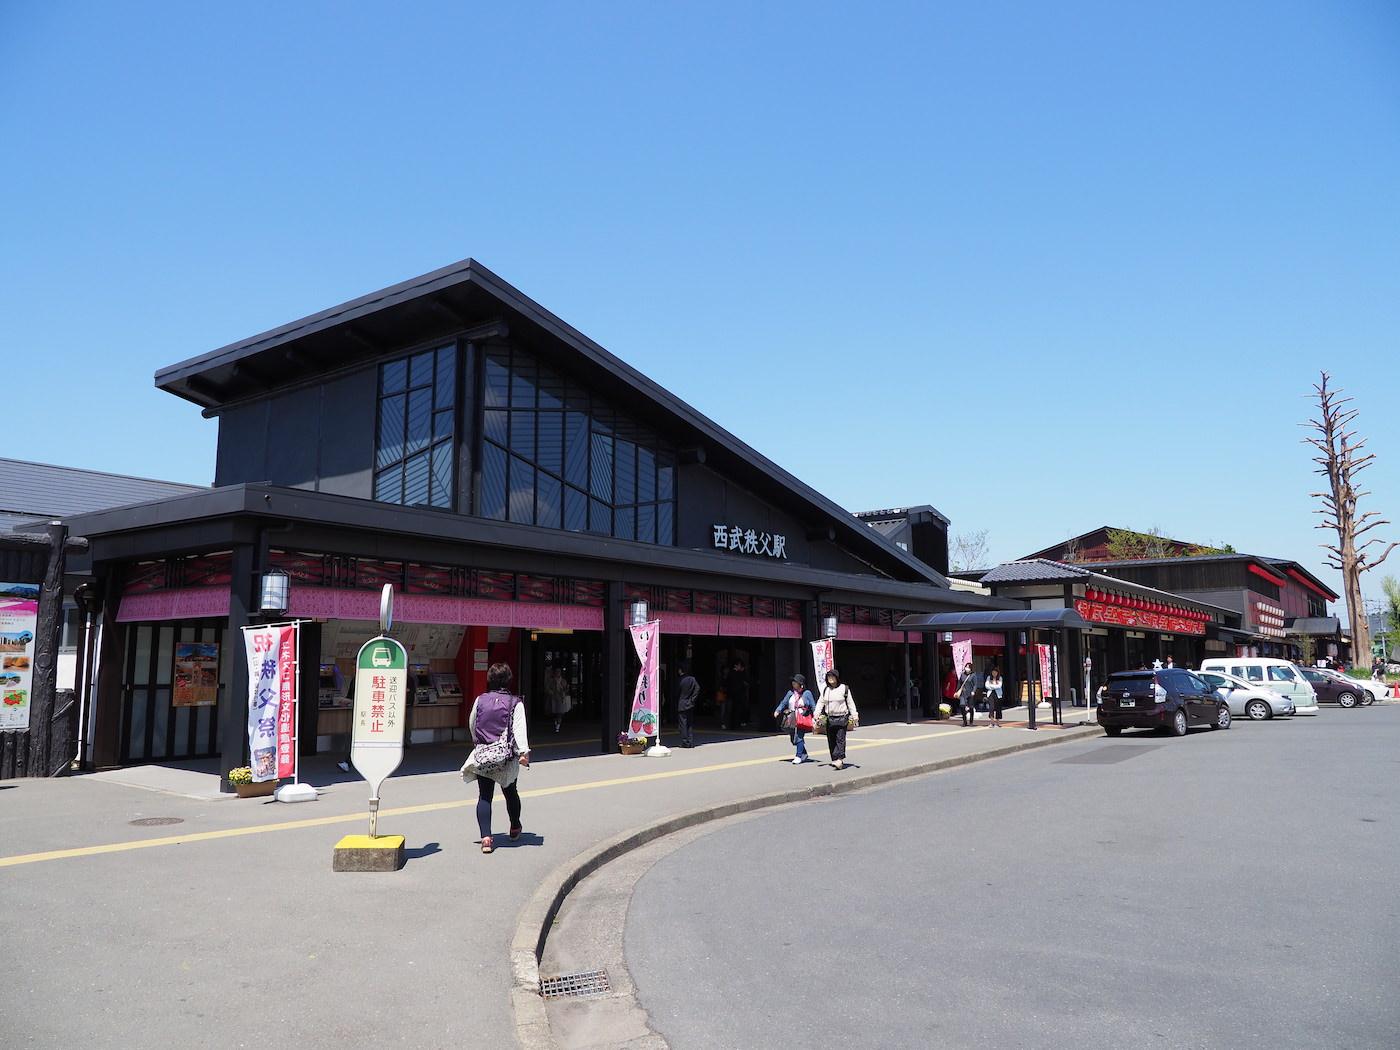 Chichibu ekimae onsen matsuri no yu 00002